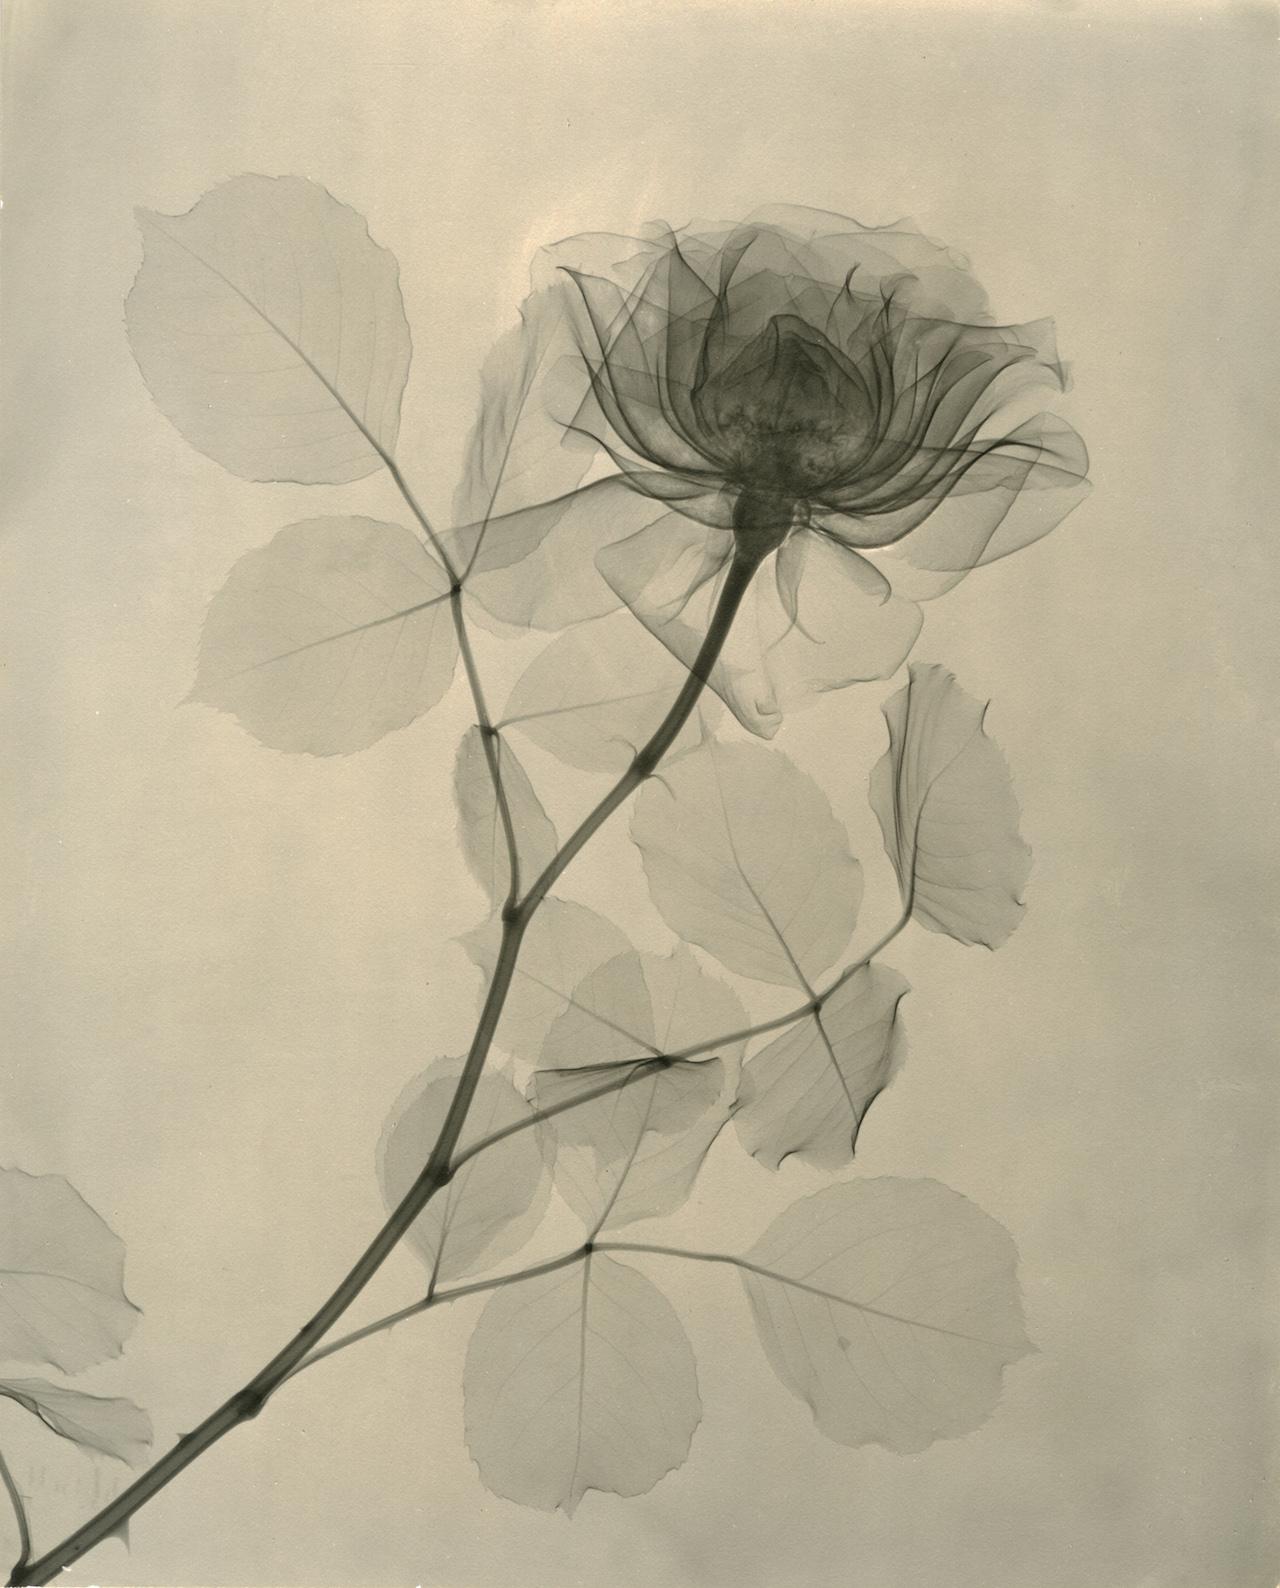 Tasker, A Rose 1936